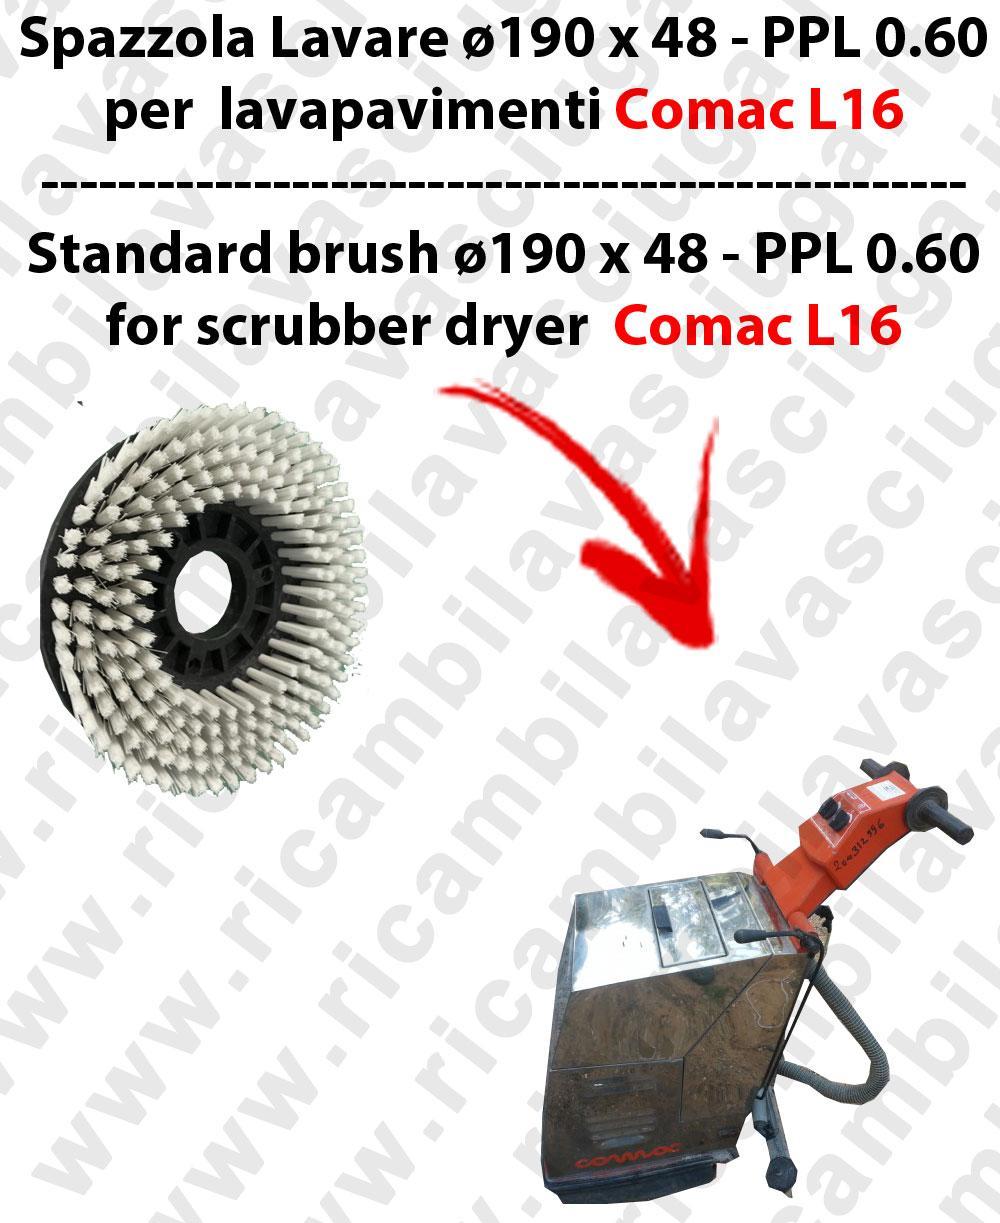 SPAZZOLA LAVARE  per lavapavimenti COMAC modello L16  ø 190 x 48 - PPL 0.6